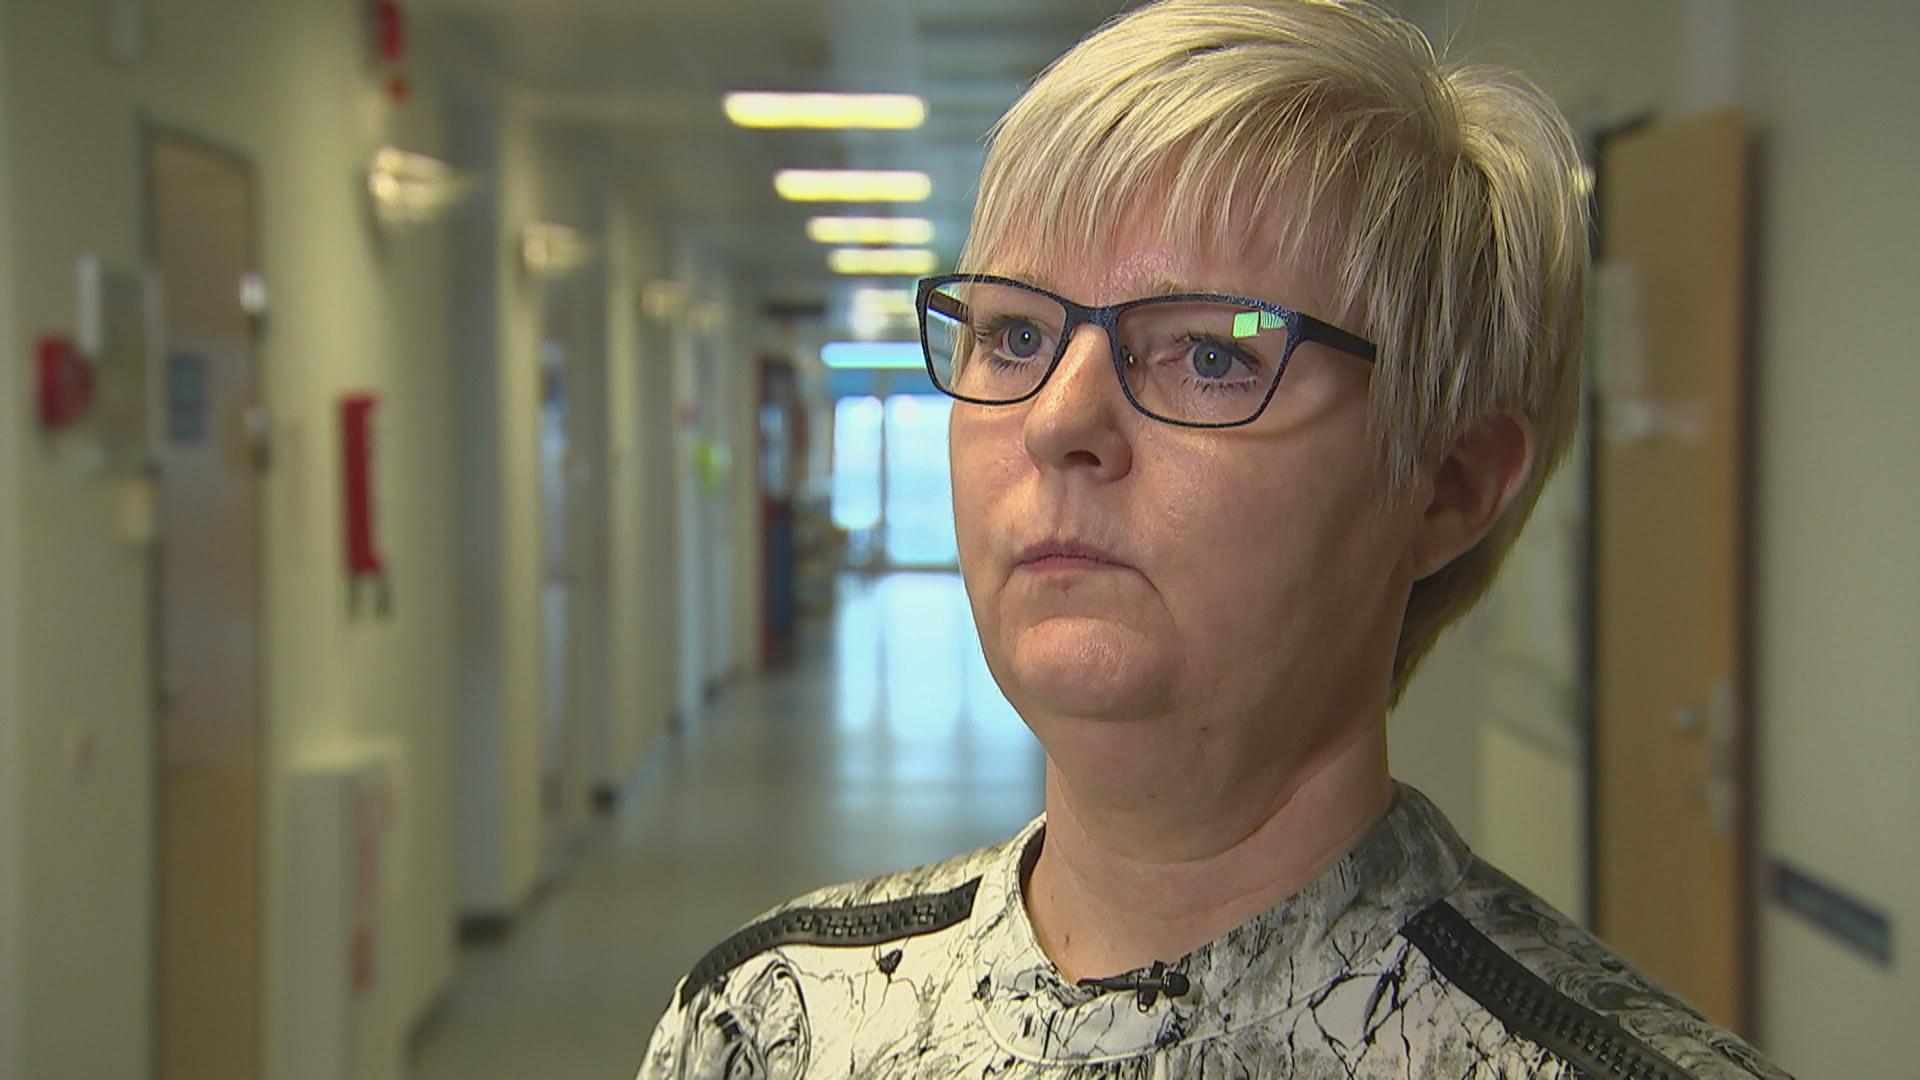 nyheder indland psykiatri i holstebro maa lukke mangler ikke patienter men mangler laeger